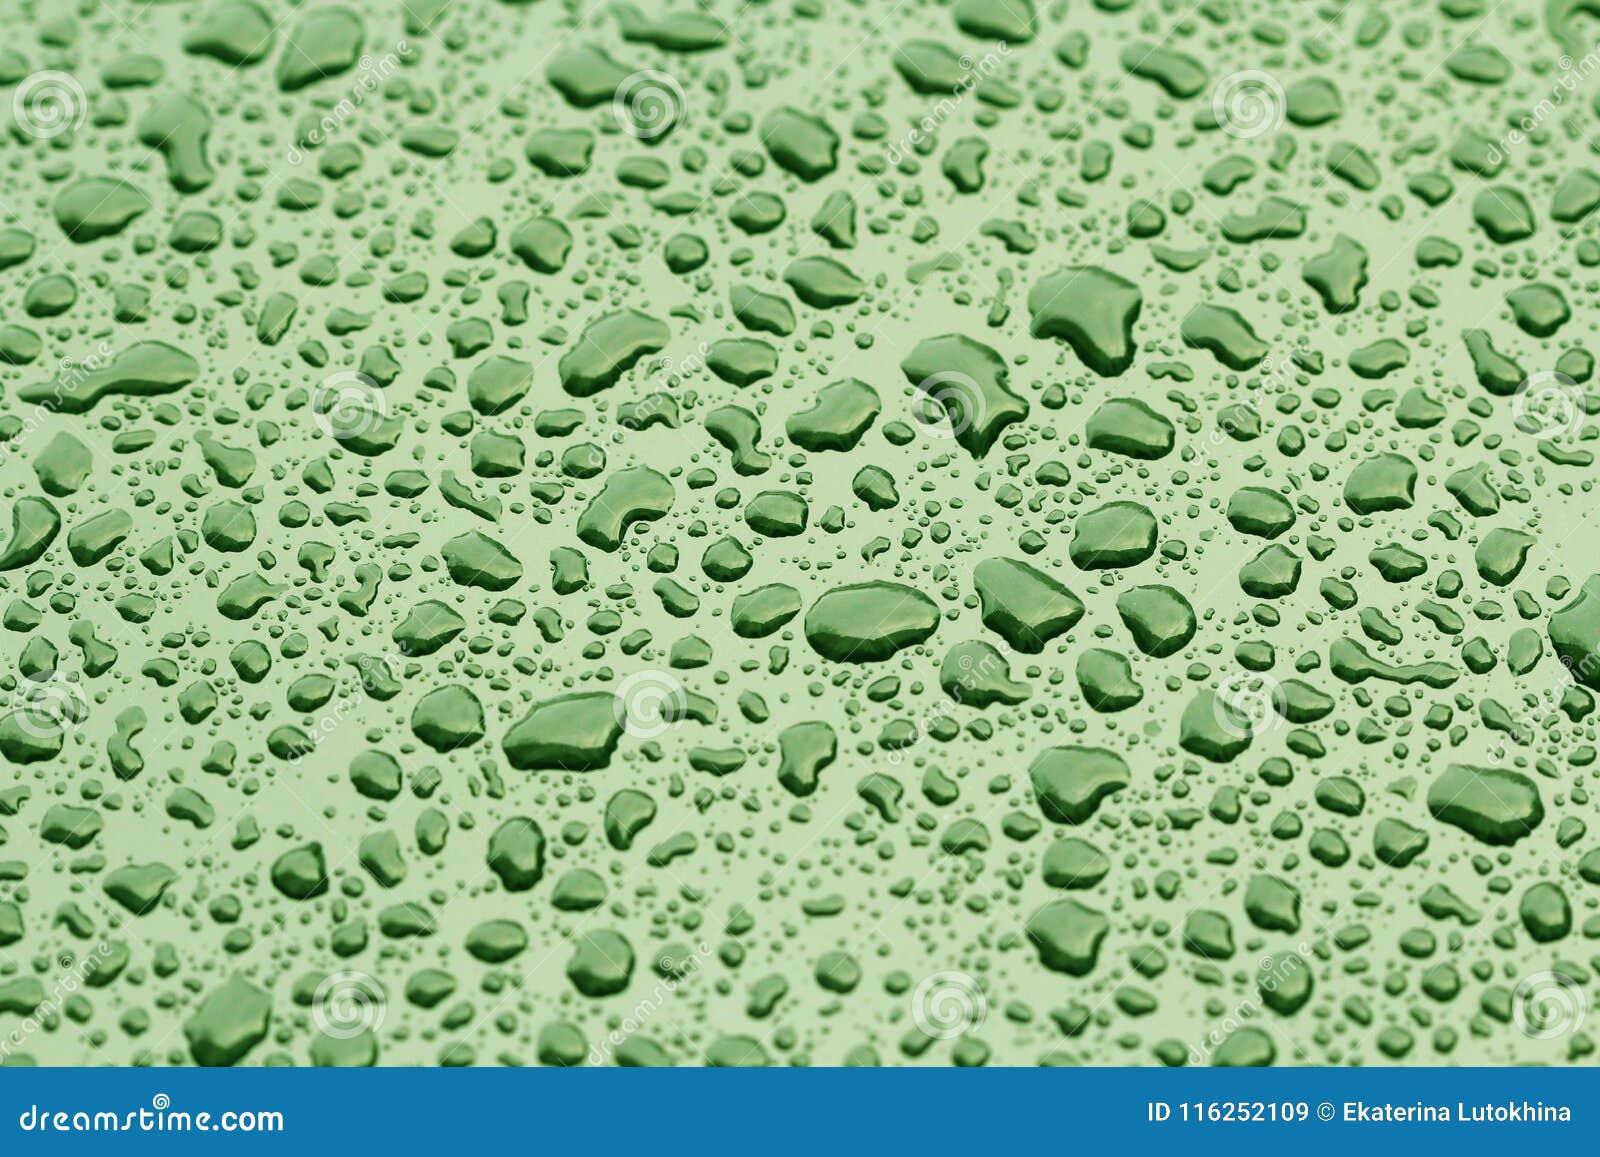 Падения падения дождя или воды на клобуке автомобиля Дождь падает o